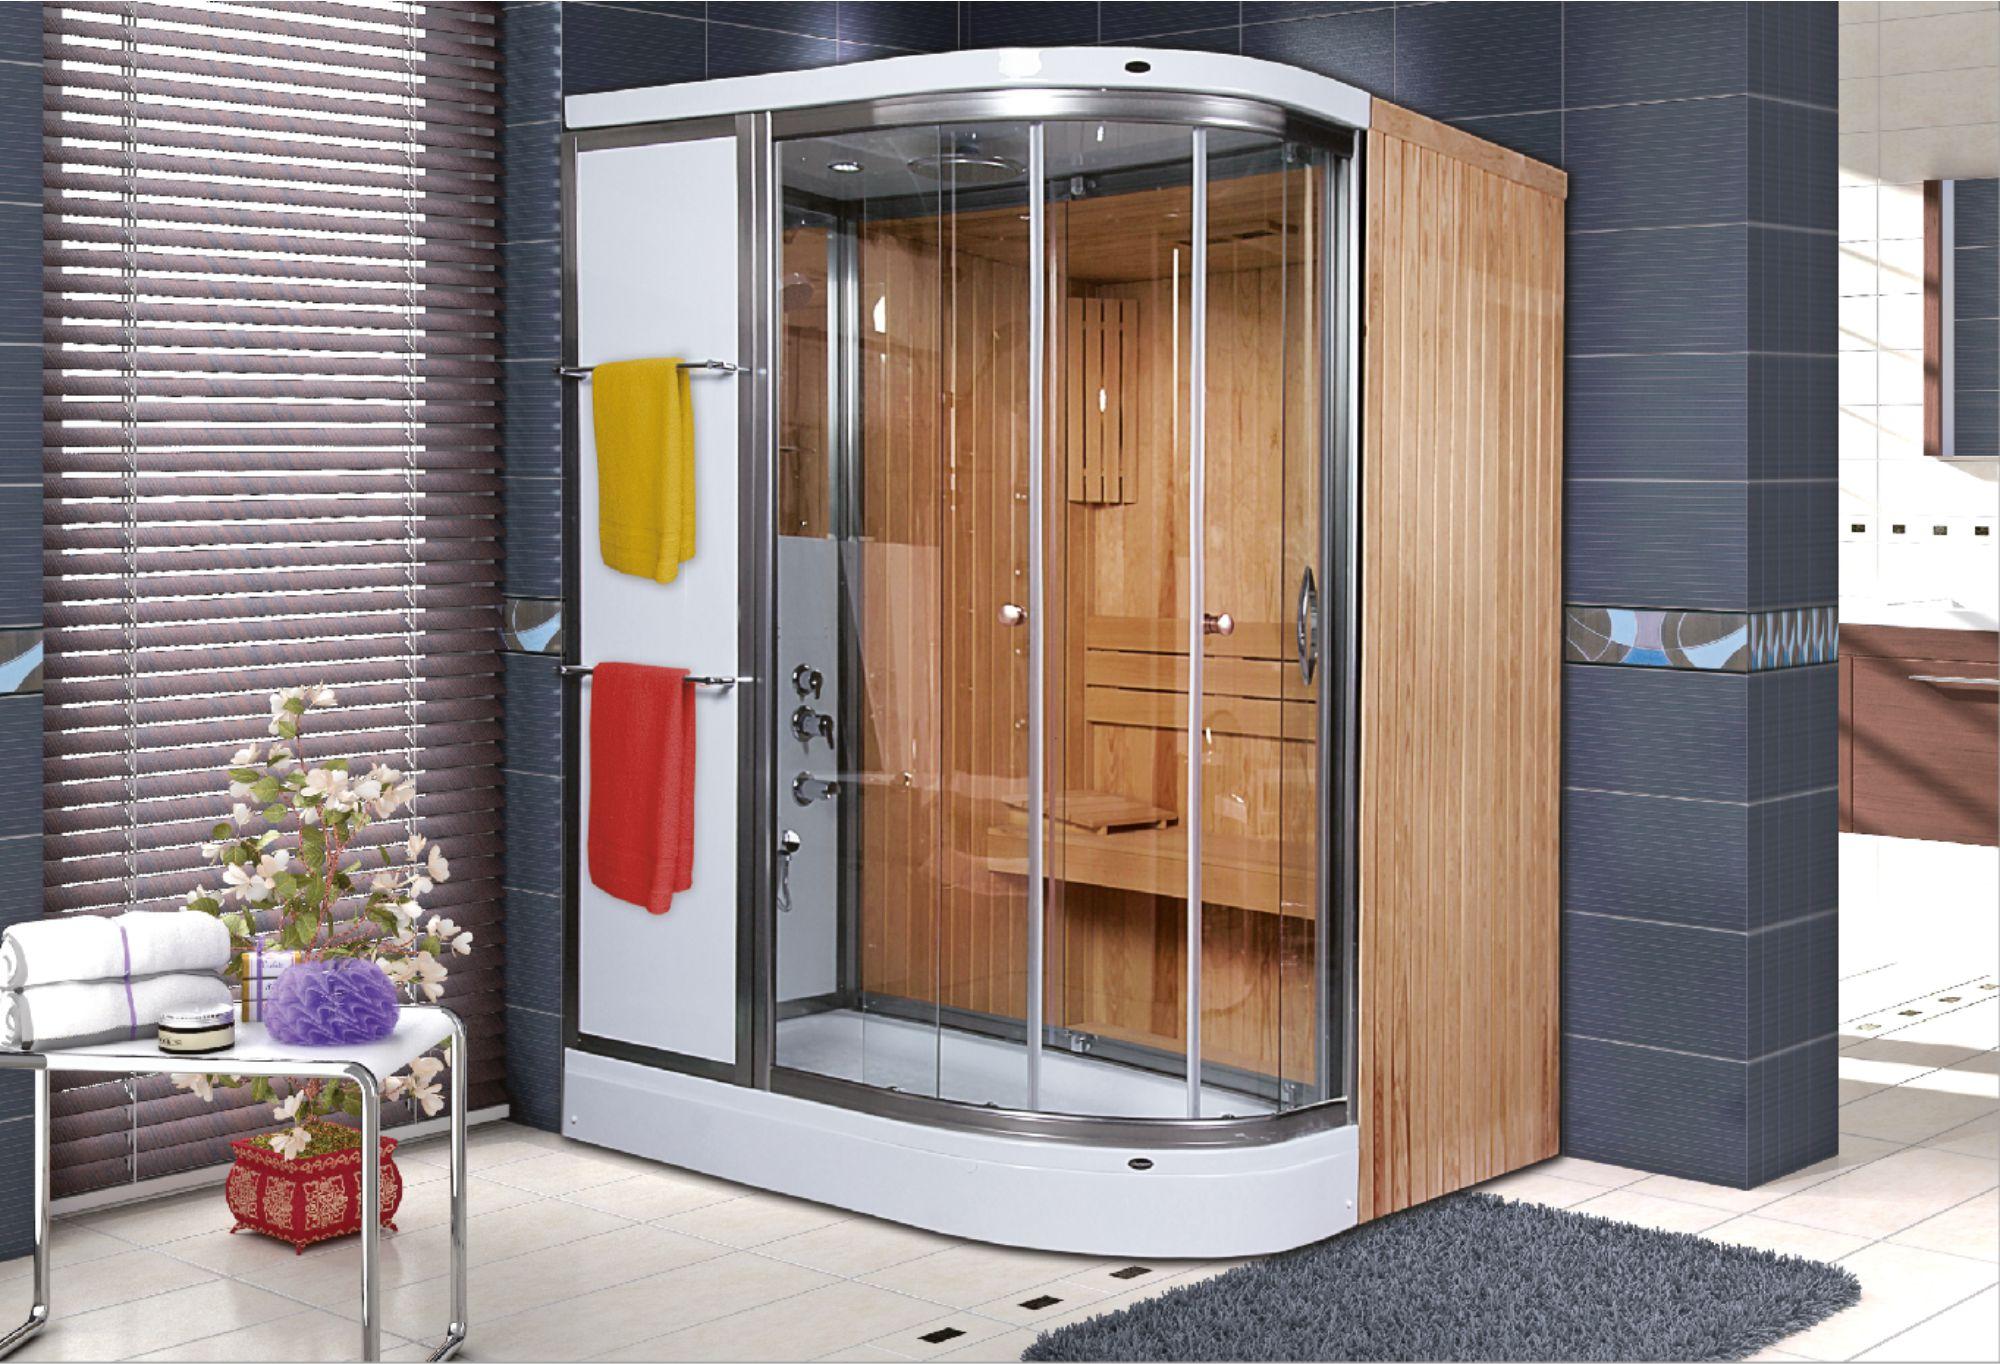 201479153551_sw56001_alonza_compact_sauna_sistem_1-jpg.78848 Sauna kabin modelleriyle keyifli banyo saatleri Melekler Mekanı Forum